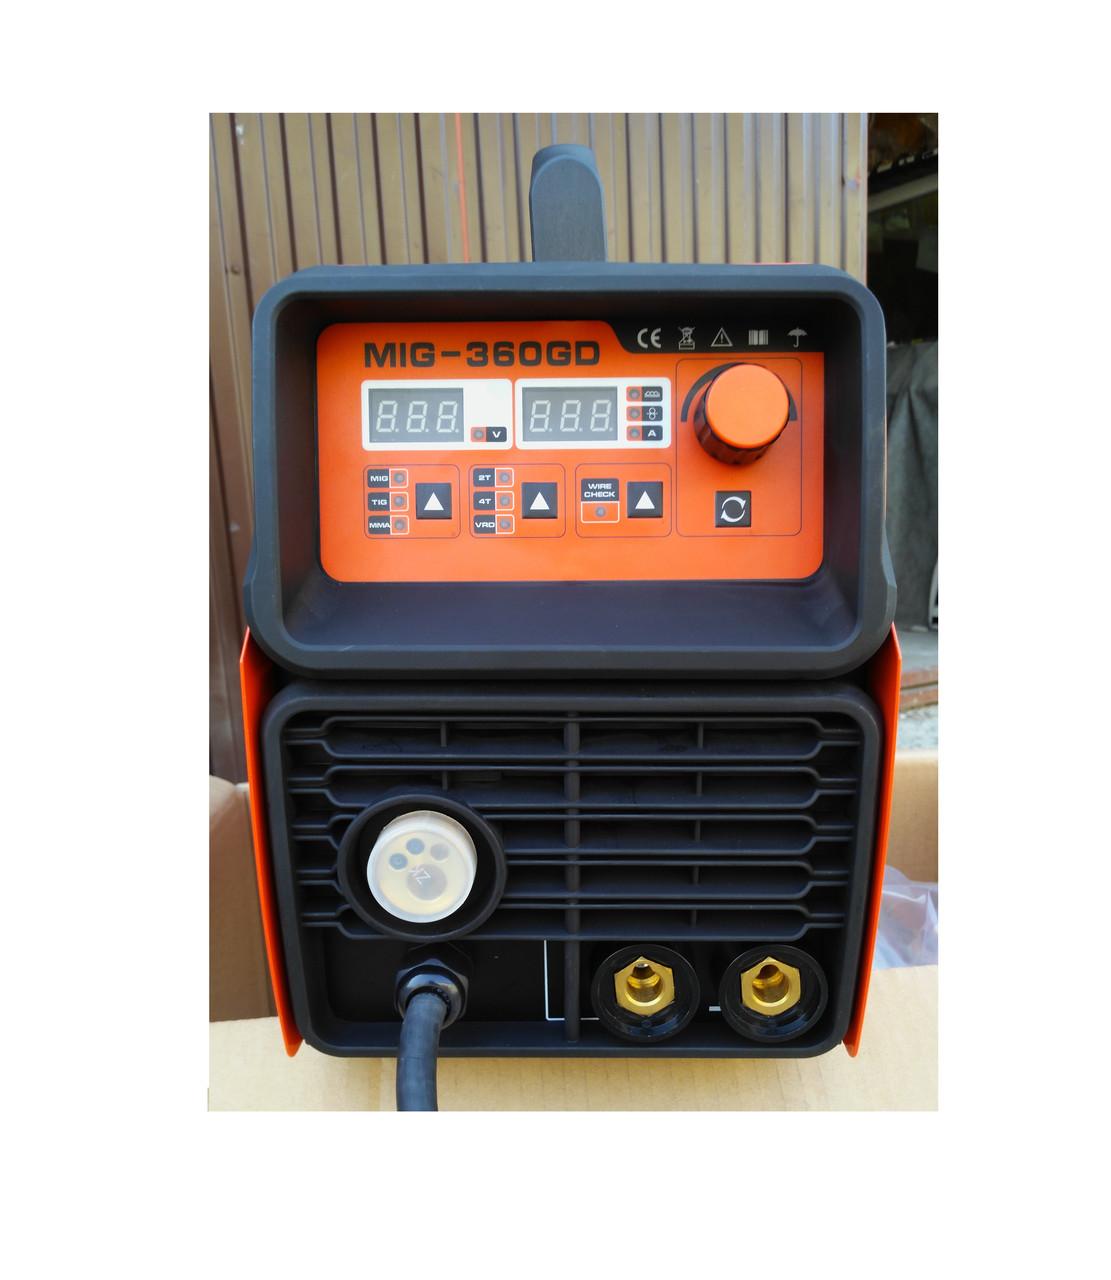 нужна схема сварочного аппарата луч профи миг мма 280